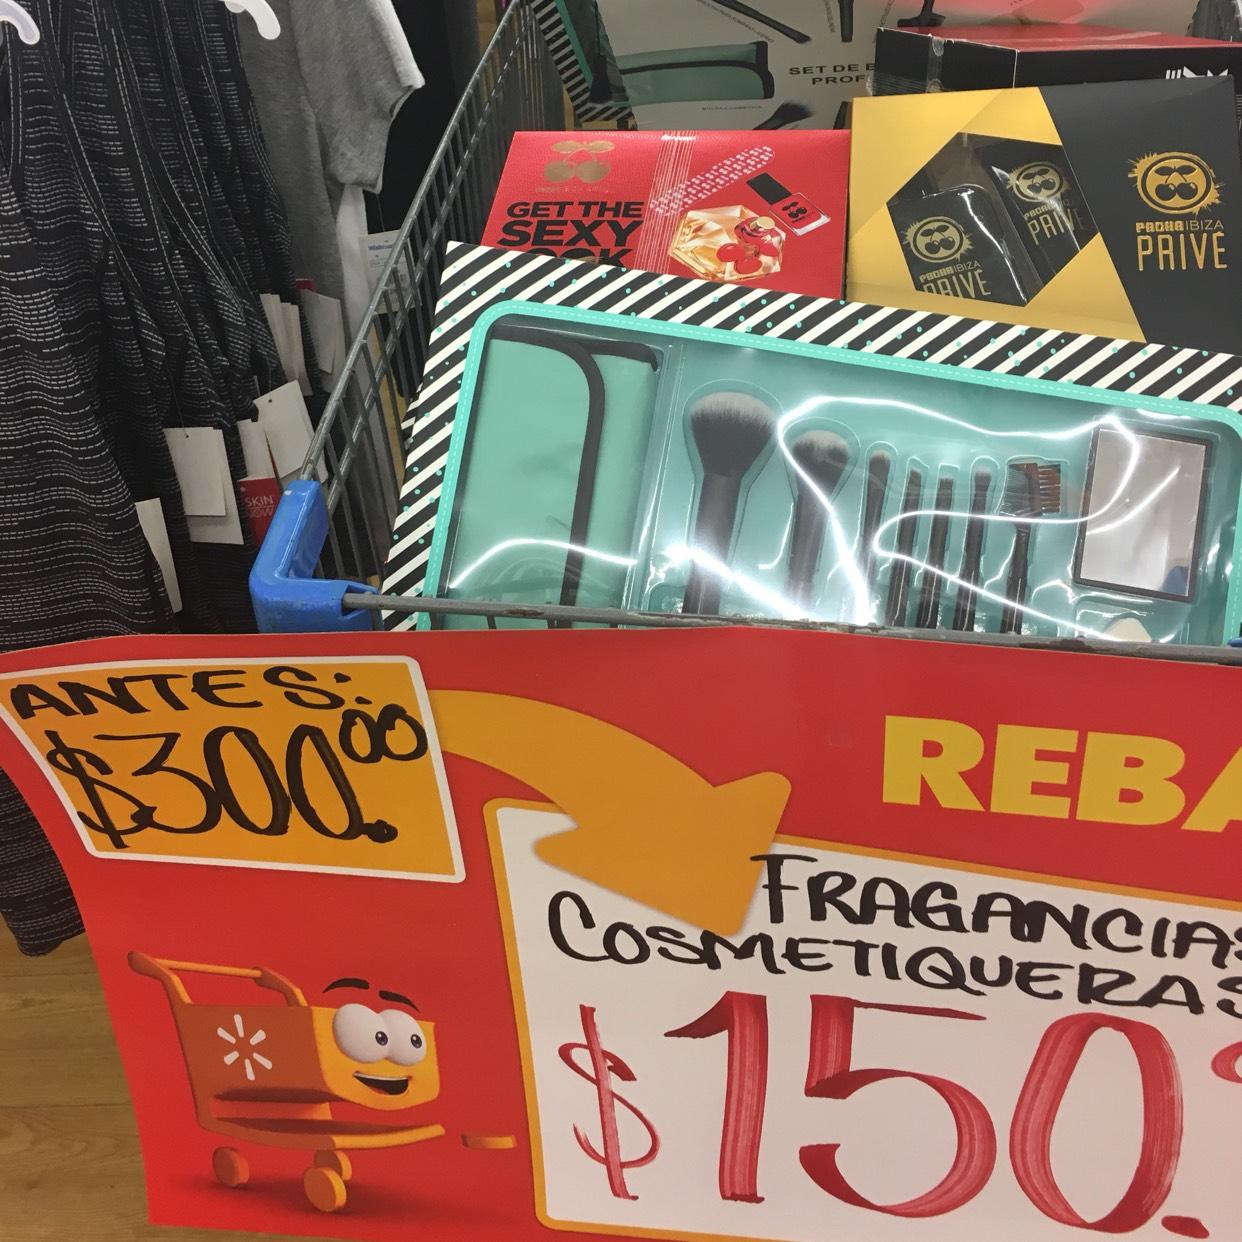 Walmart: Fragancias y cosmetiqueras!!